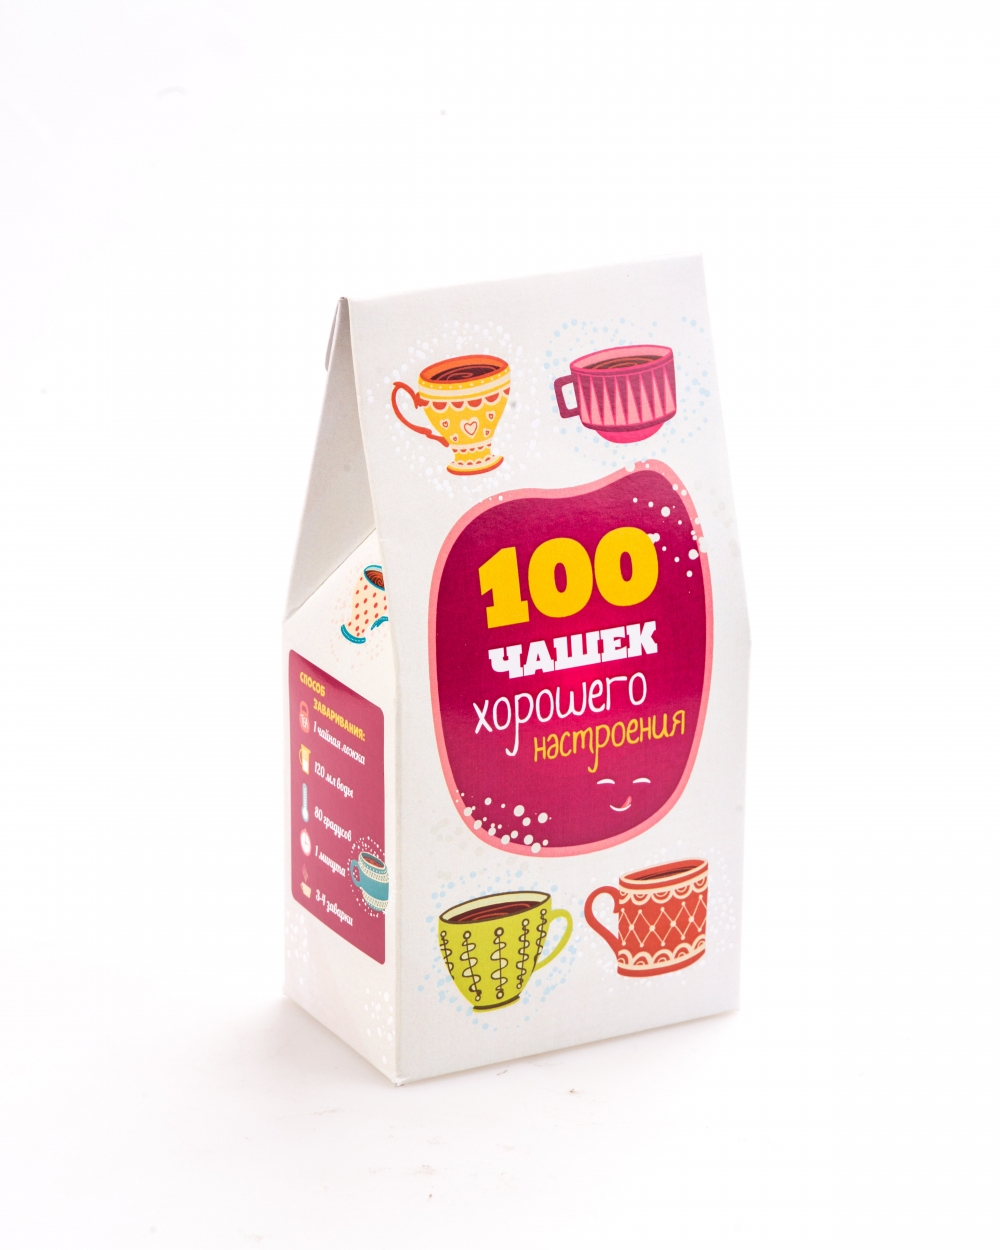 Чай 100 ЧАШЕК ХОРОШЕГО НАСТРОЕНИЯ